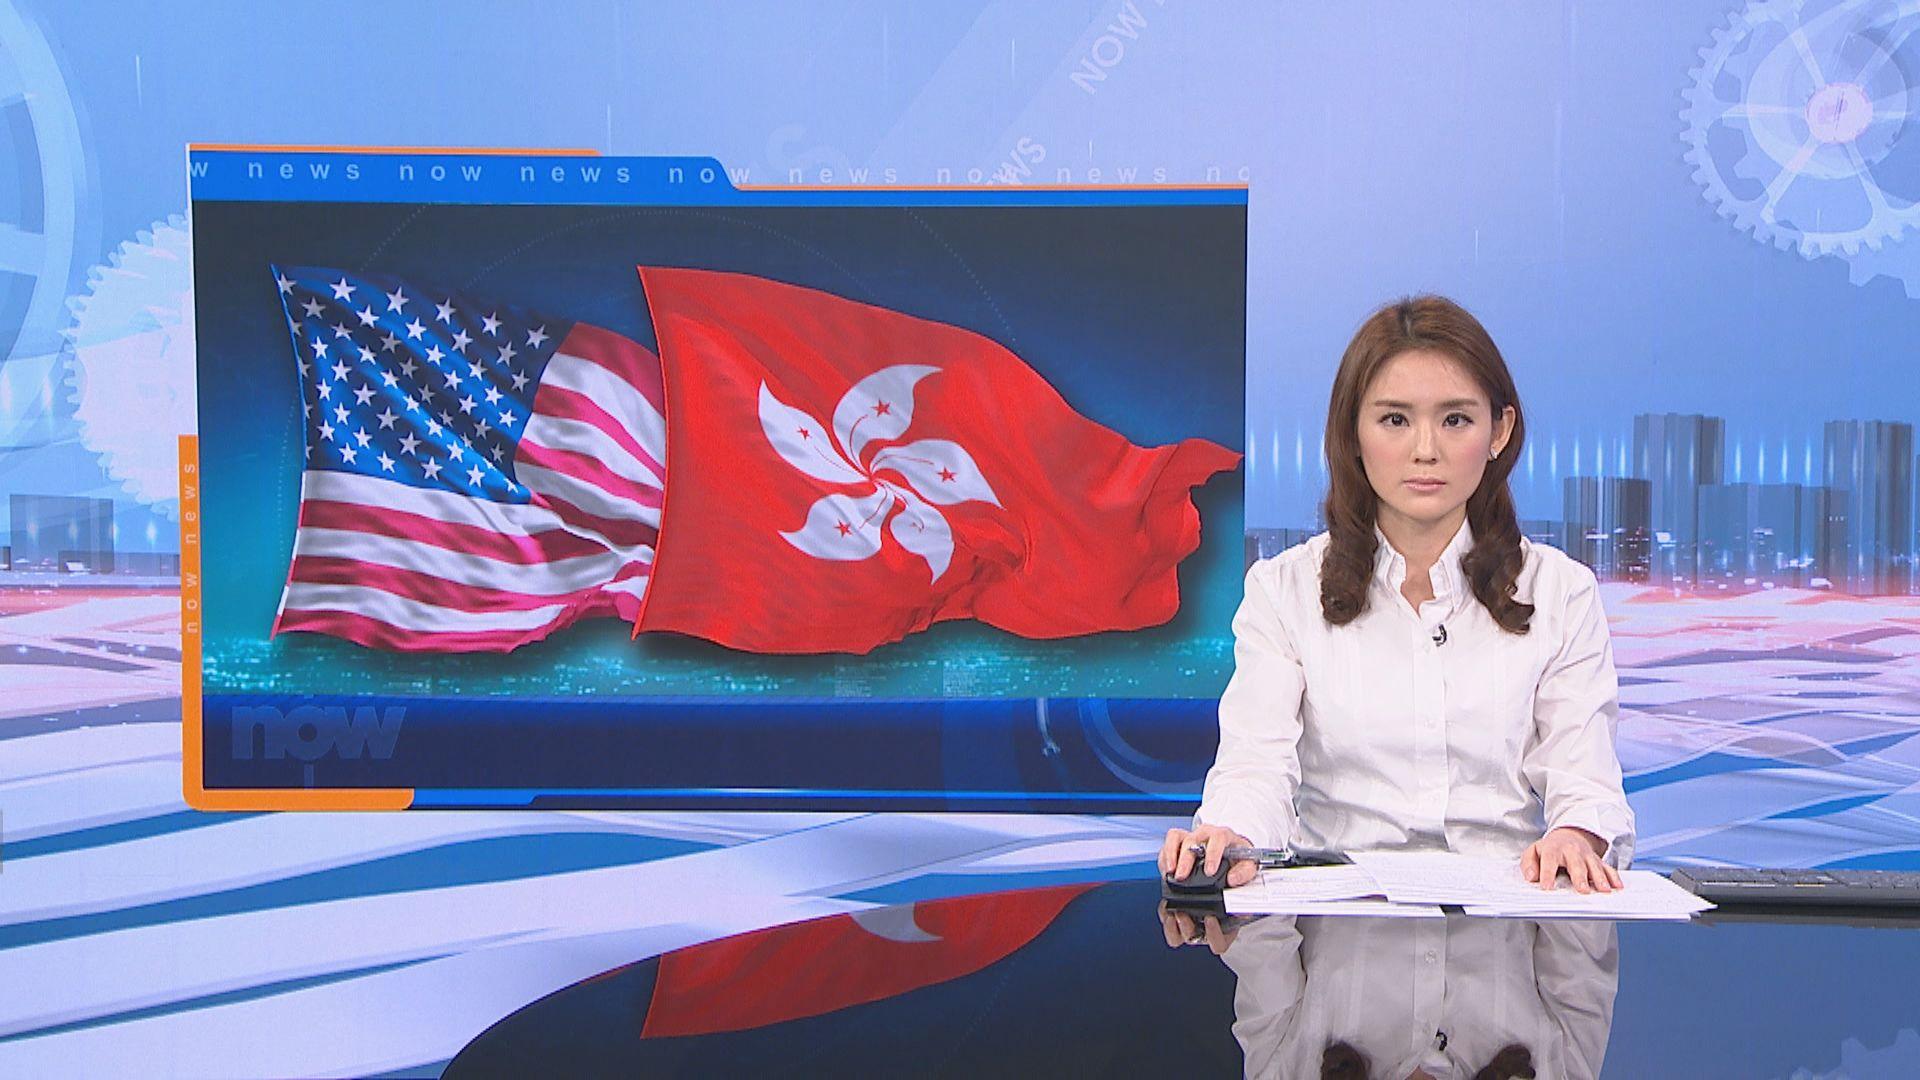 港區全國人大發聲明籲美方停止干涉中國內政